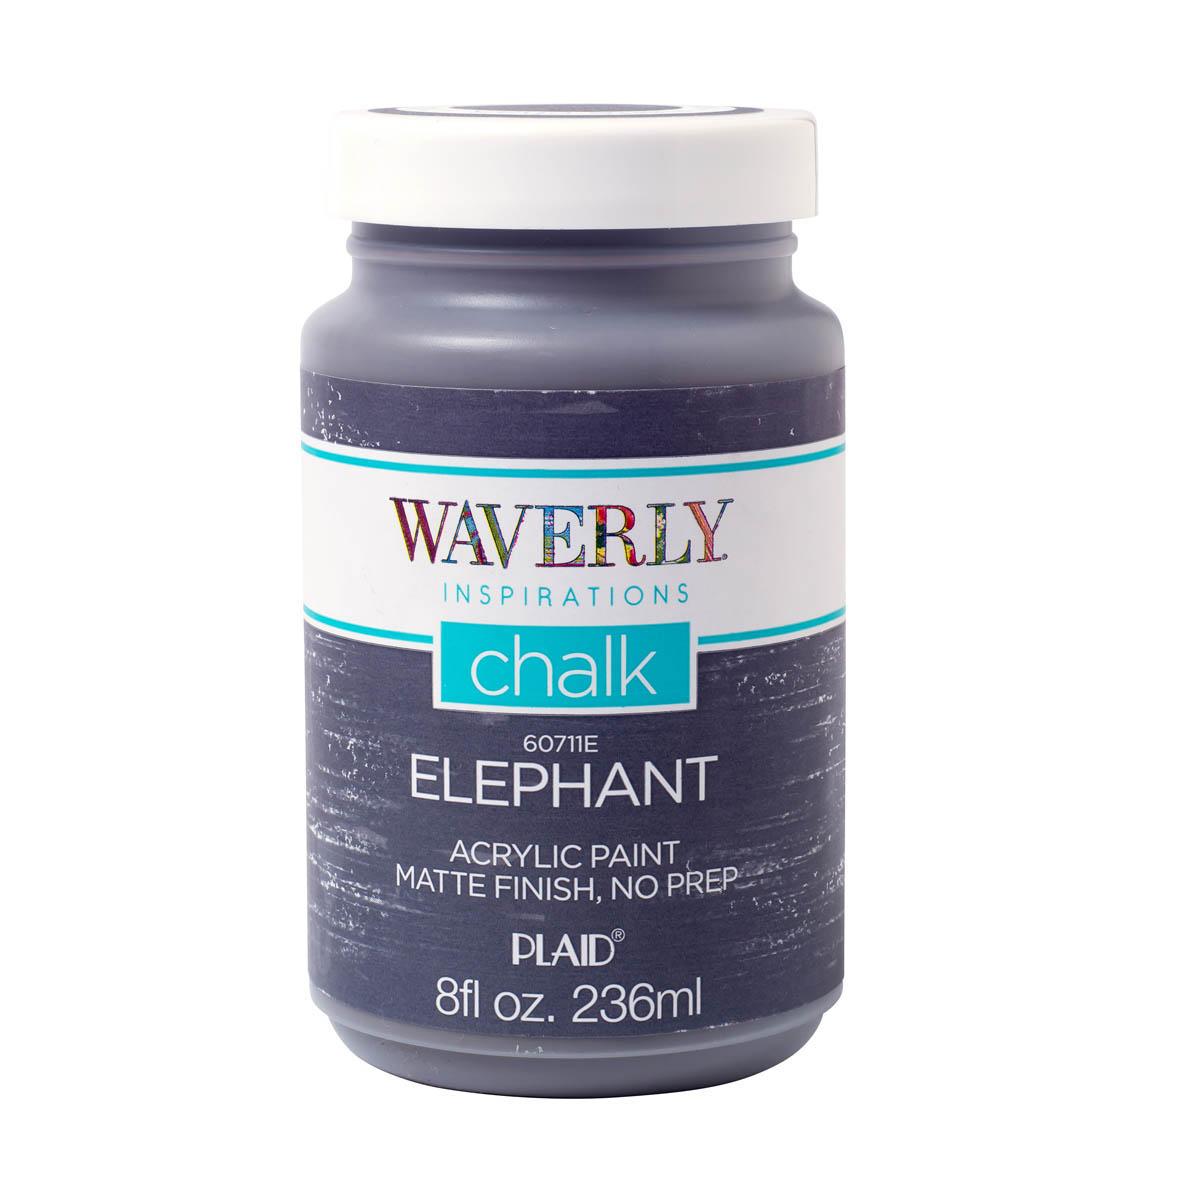 Waverly ® Inspirations Chalk Acrylic Paint - Elephant, 8 oz.